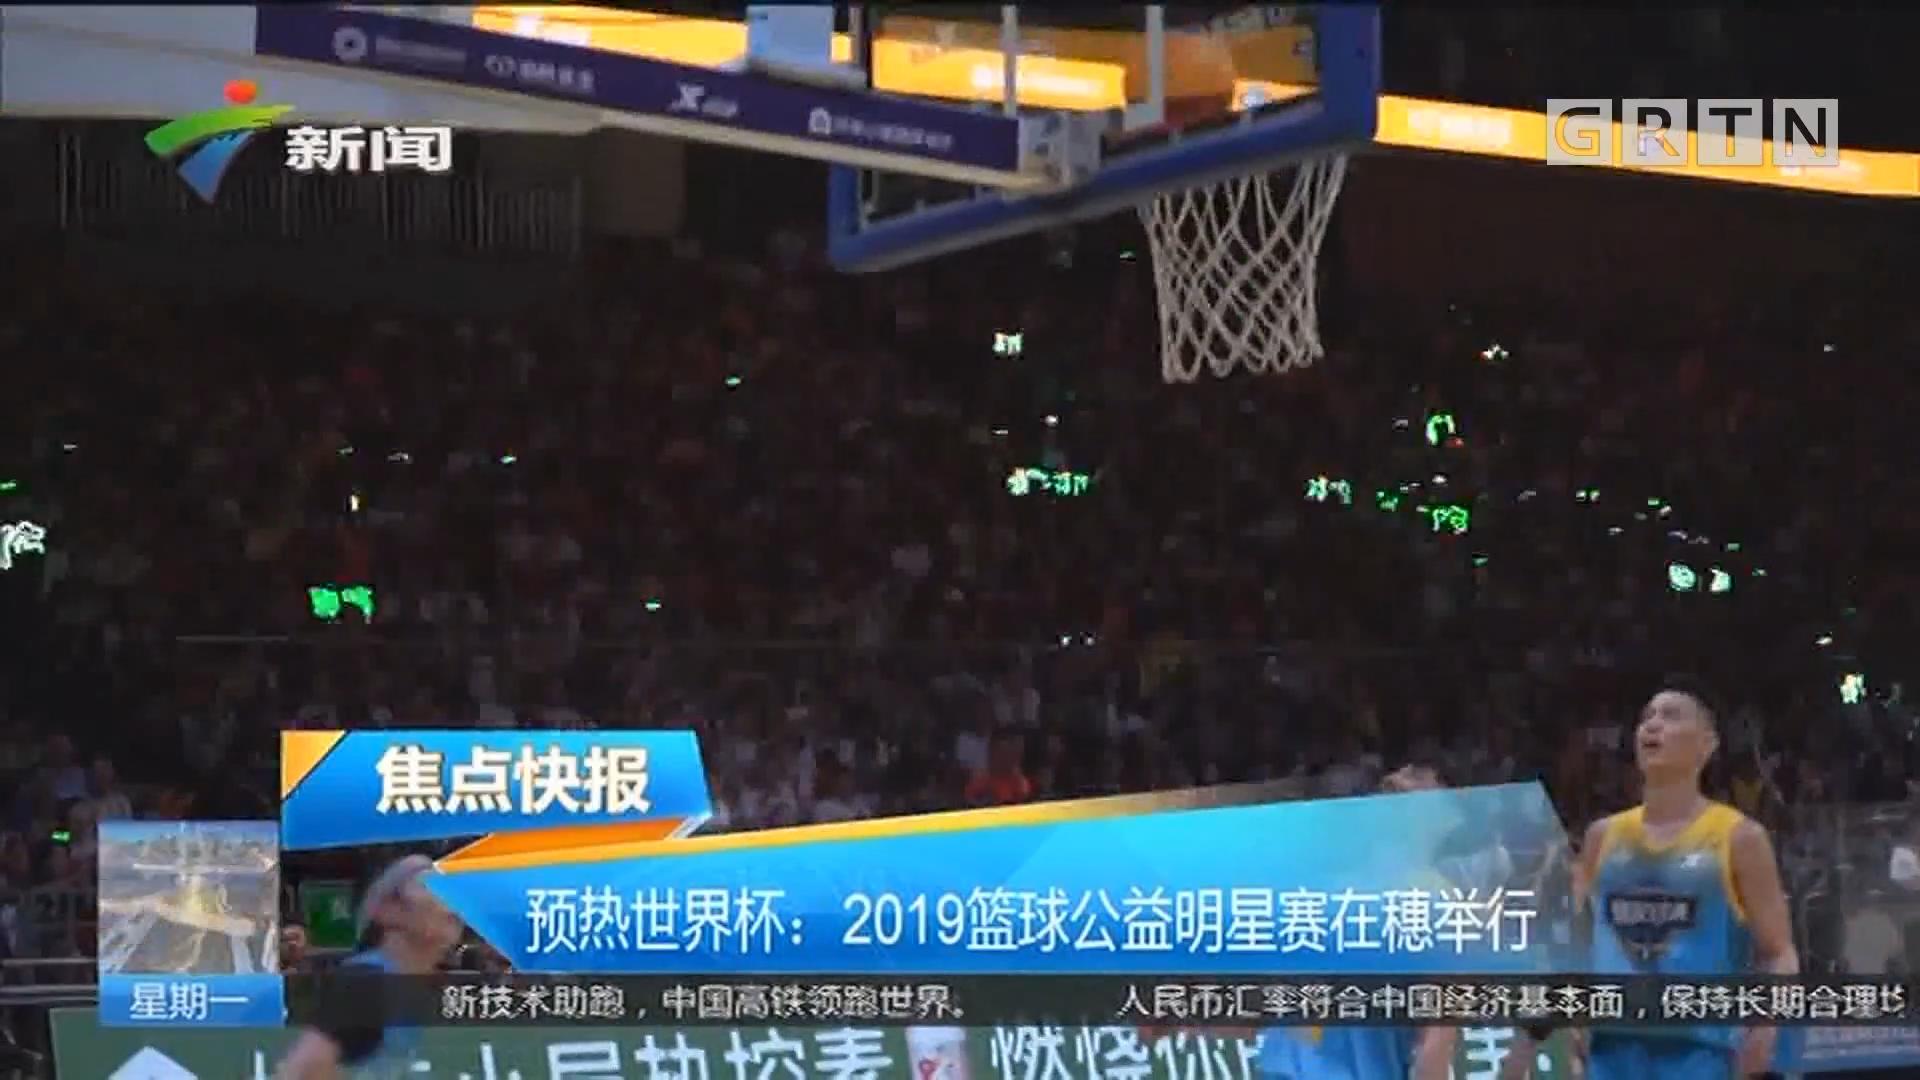 预热世界杯:2019篮球公益明星赛在穗举行